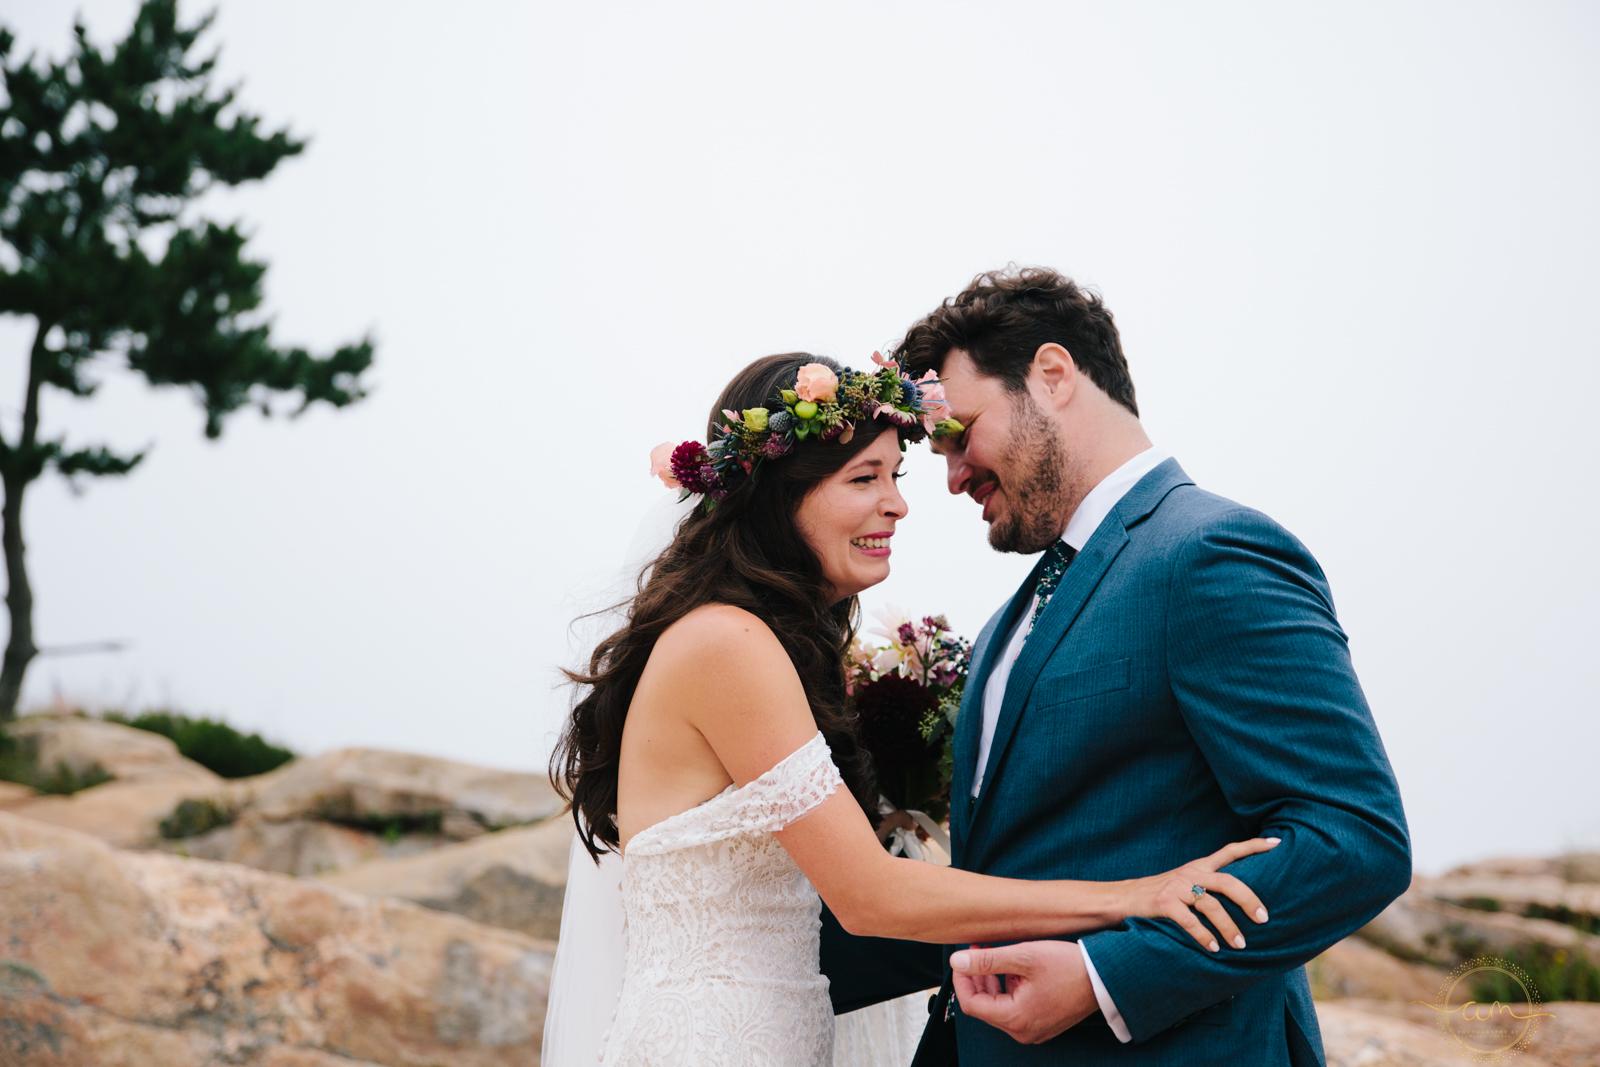 Narragansett-RI-Beach-Wedding-Amanda-Morgan-21.jpg